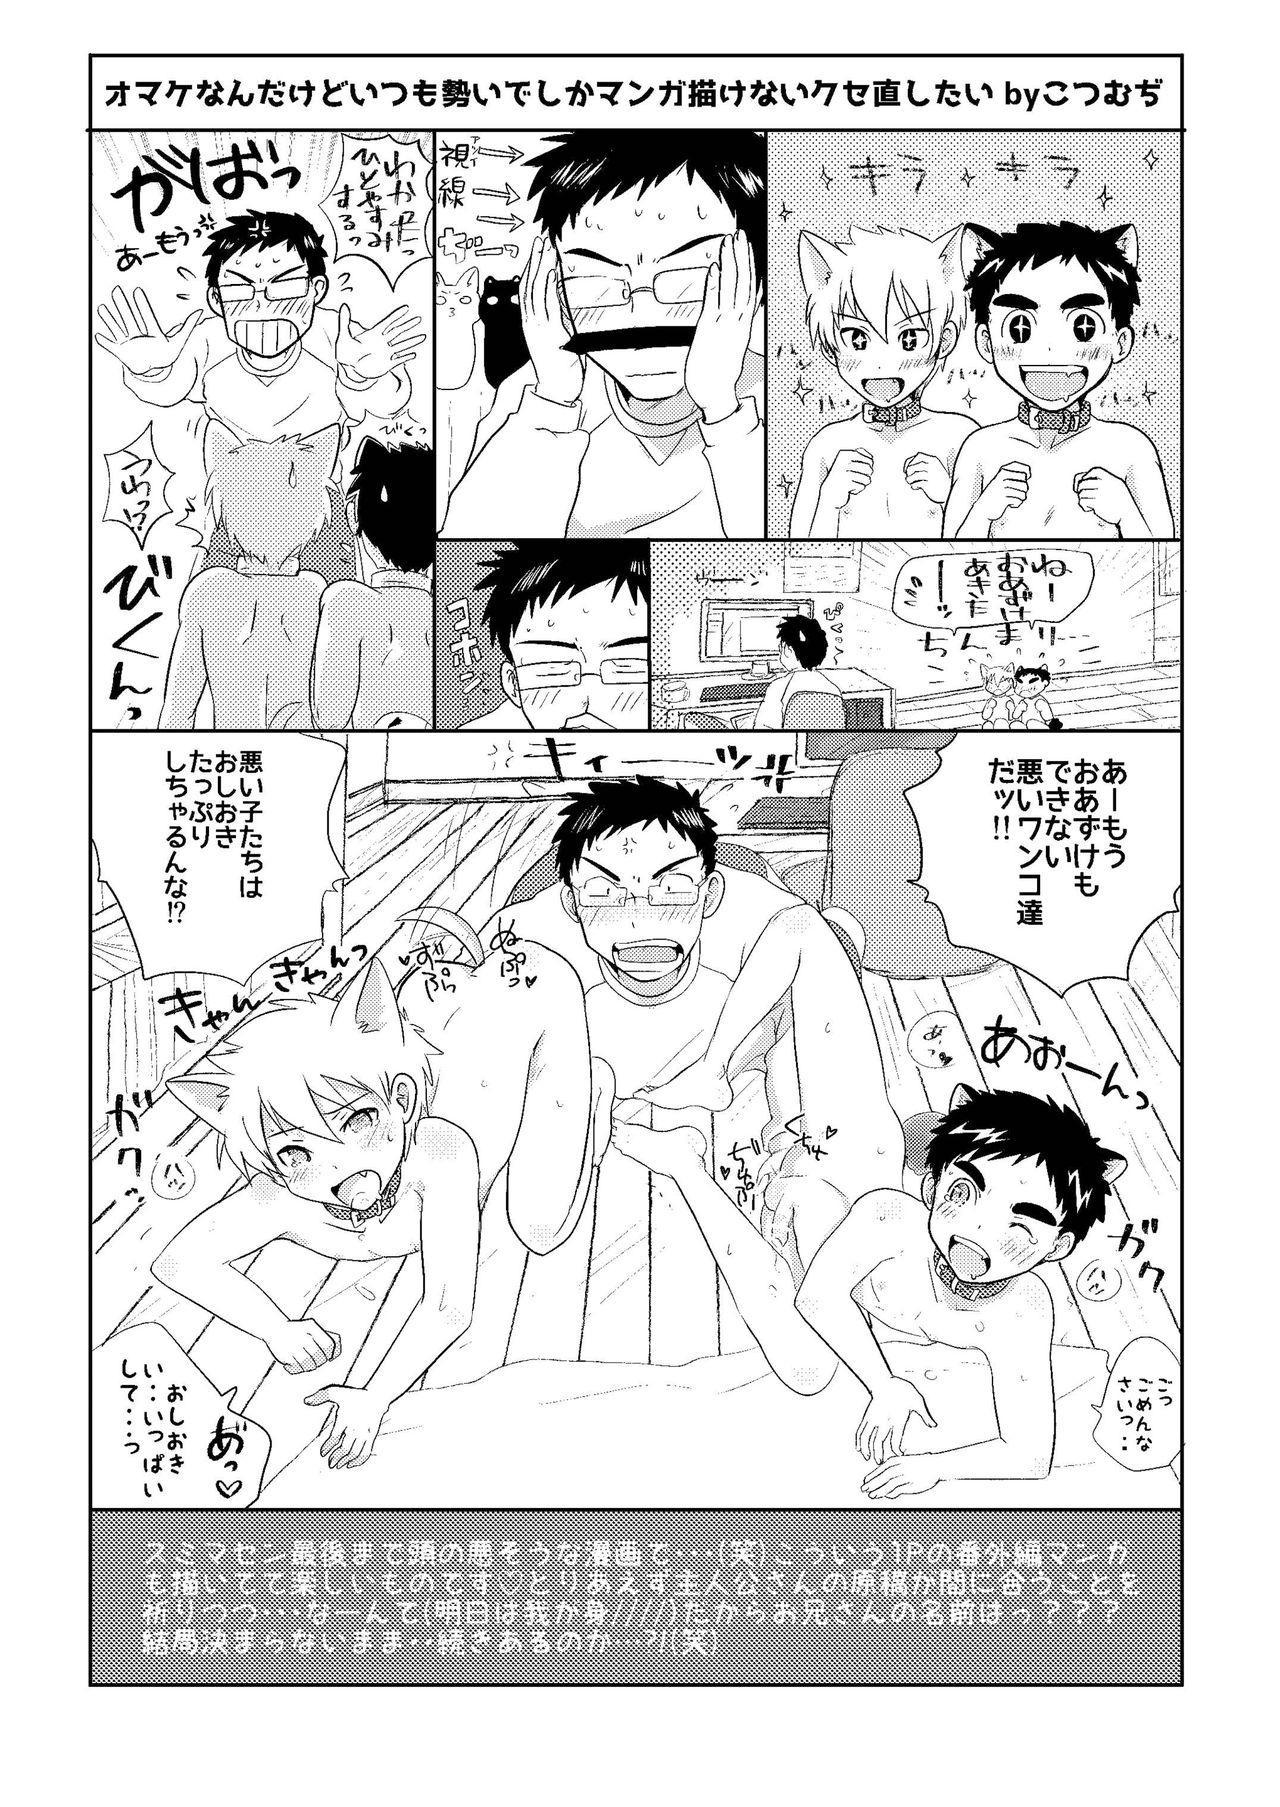 Wanko 2hiki ga iru Seikatsu! 23